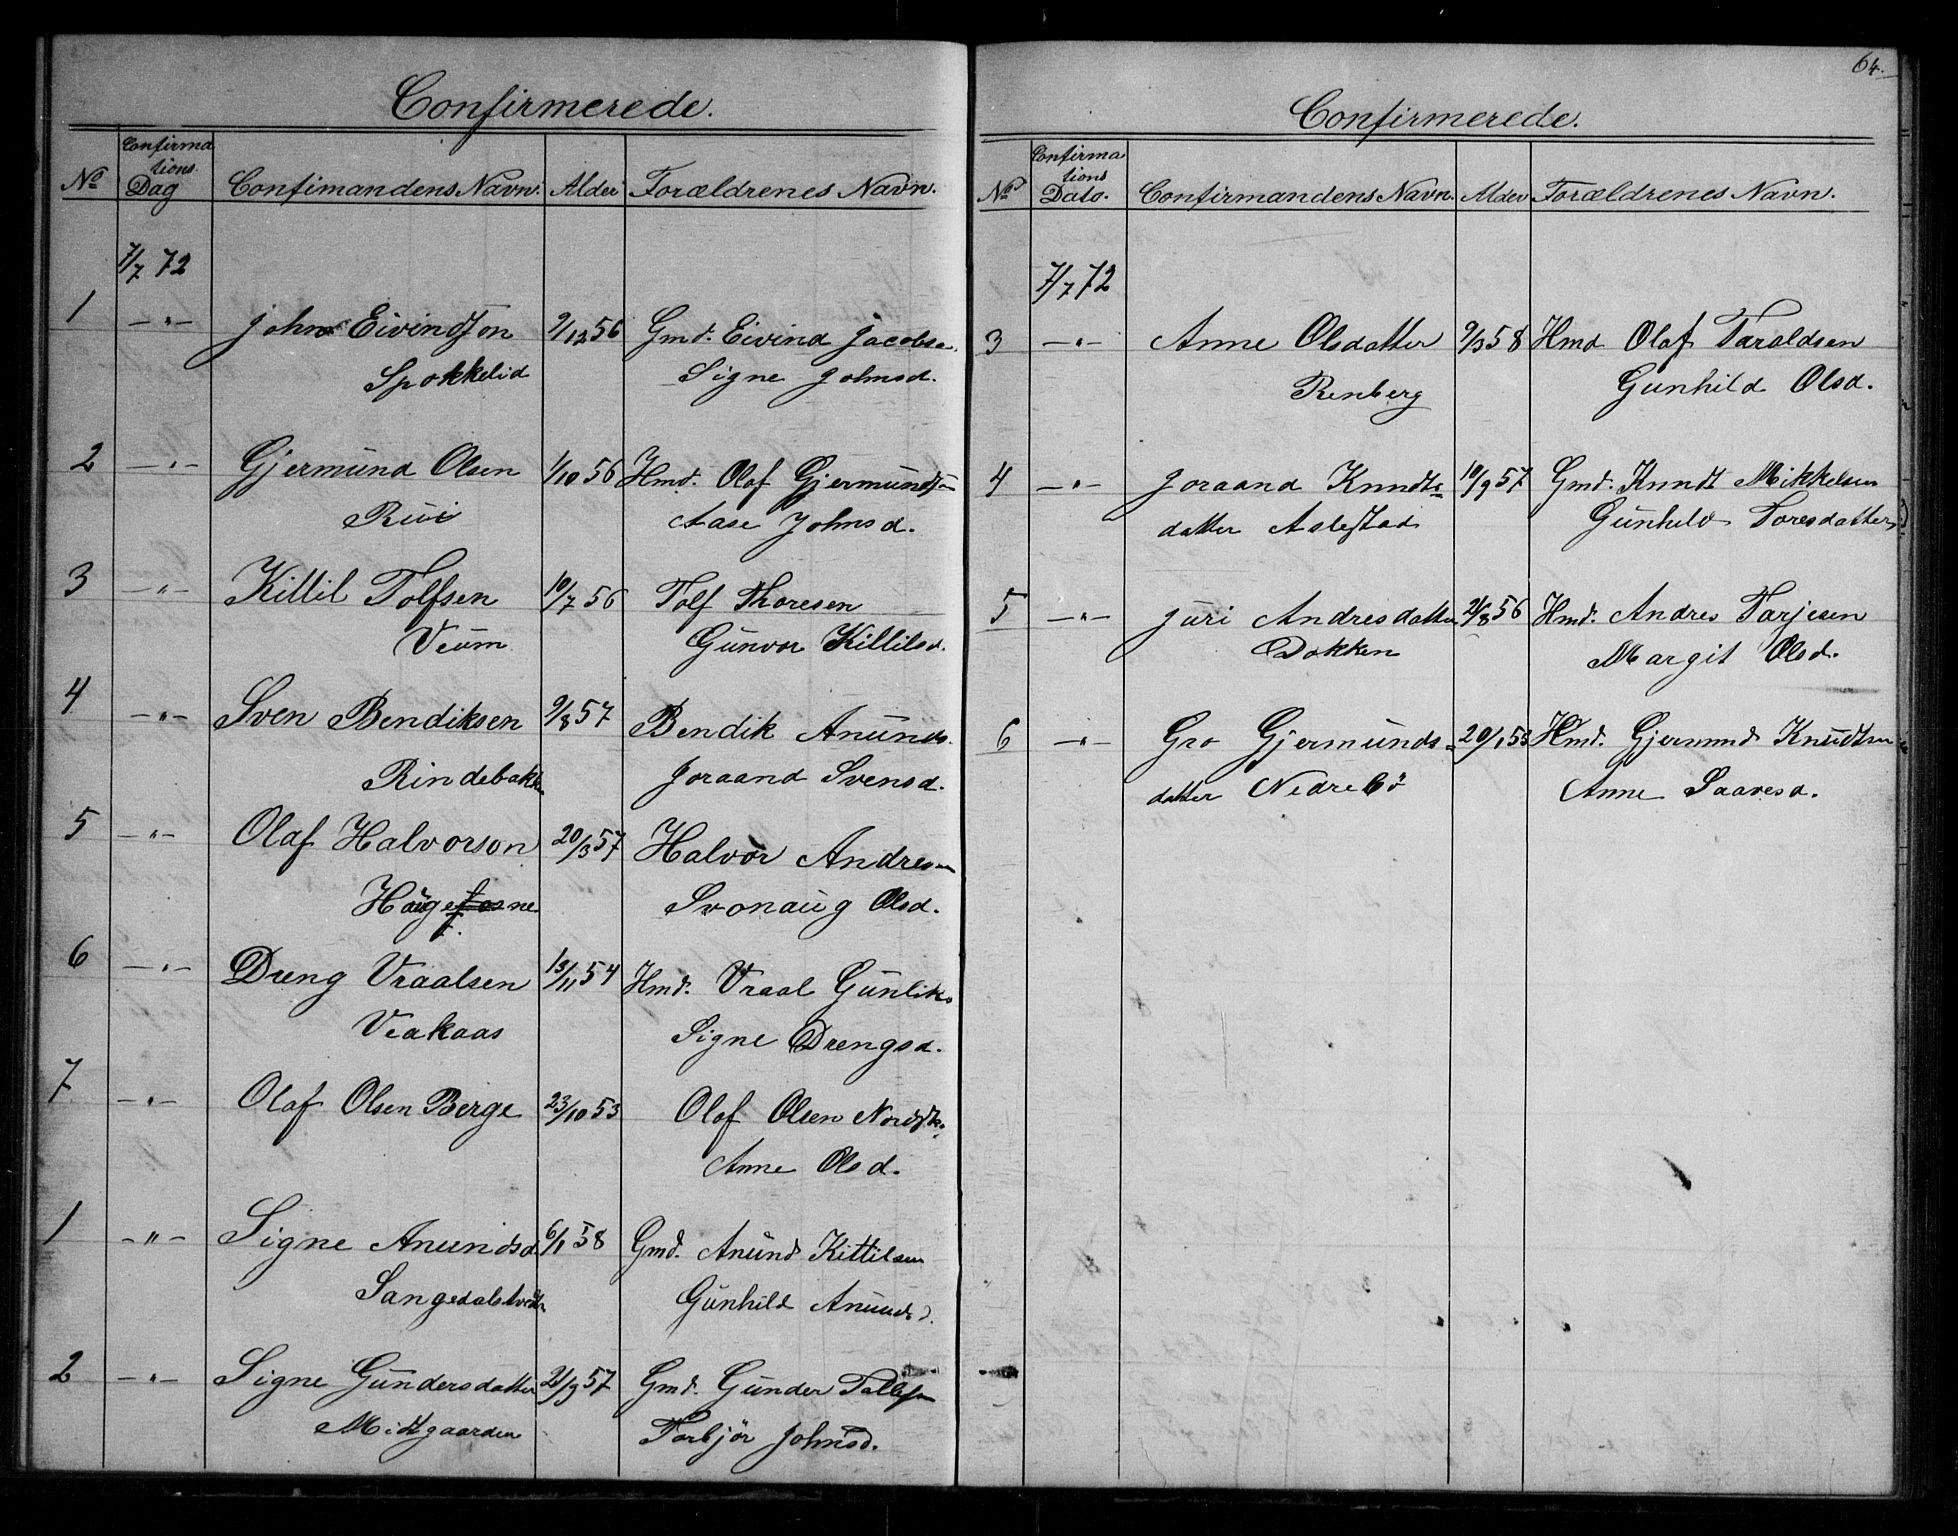 SAKO, Fyresdal kirkebøker, G/Gb/L0001: Klokkerbok nr. II 1, 1864-1890, s. 64